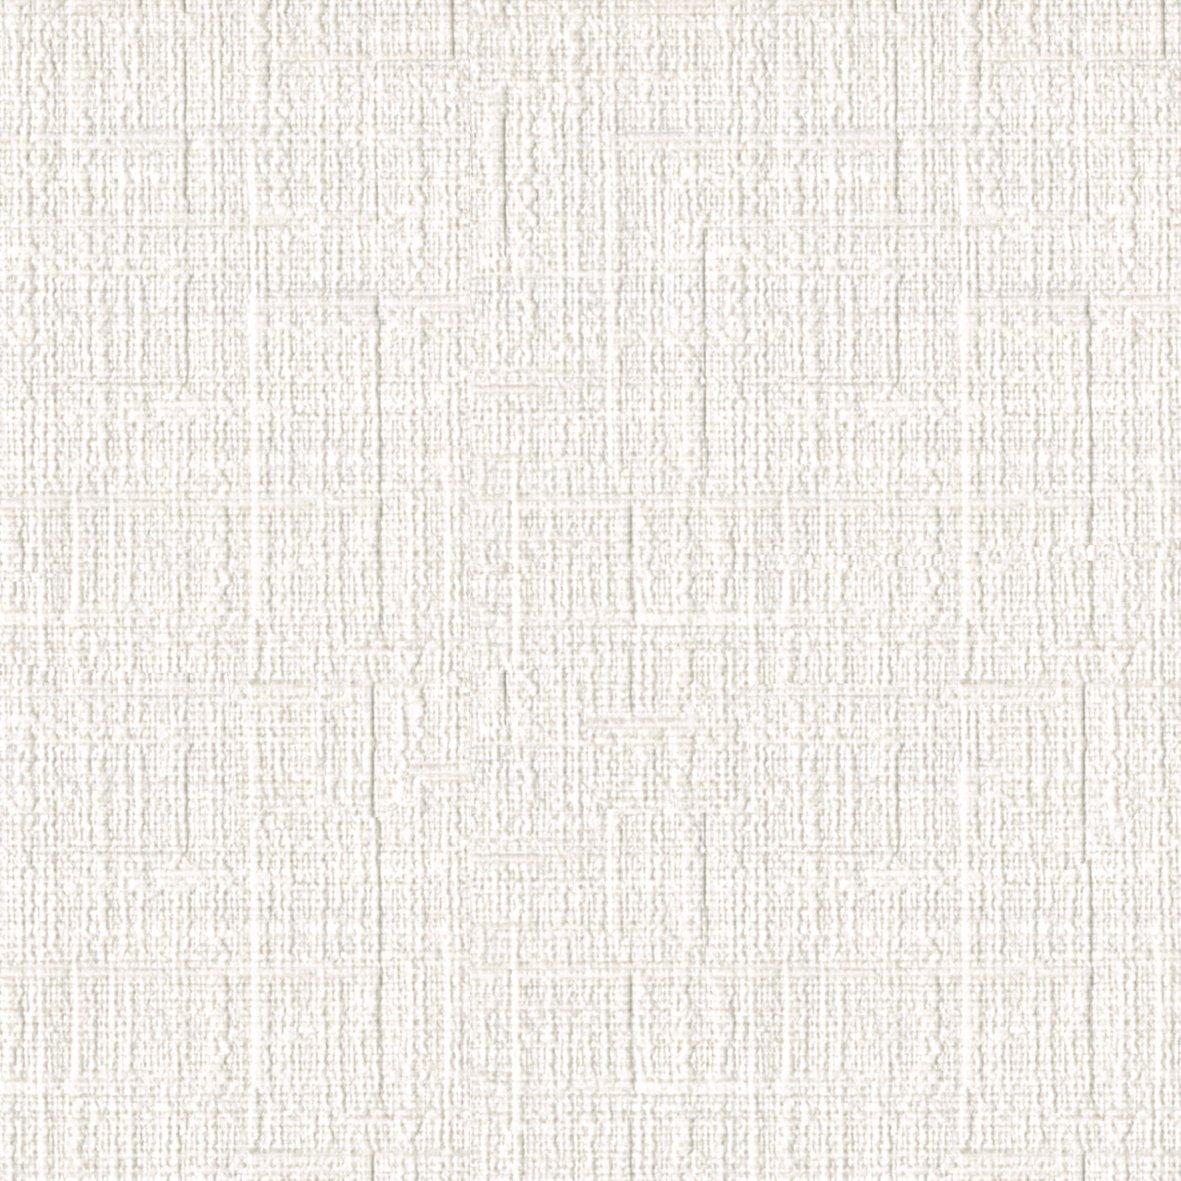 リリカラ 壁紙38m シンフル 織物調 ホワイト 織物調 LB-9026 B01IHRB71I 38m